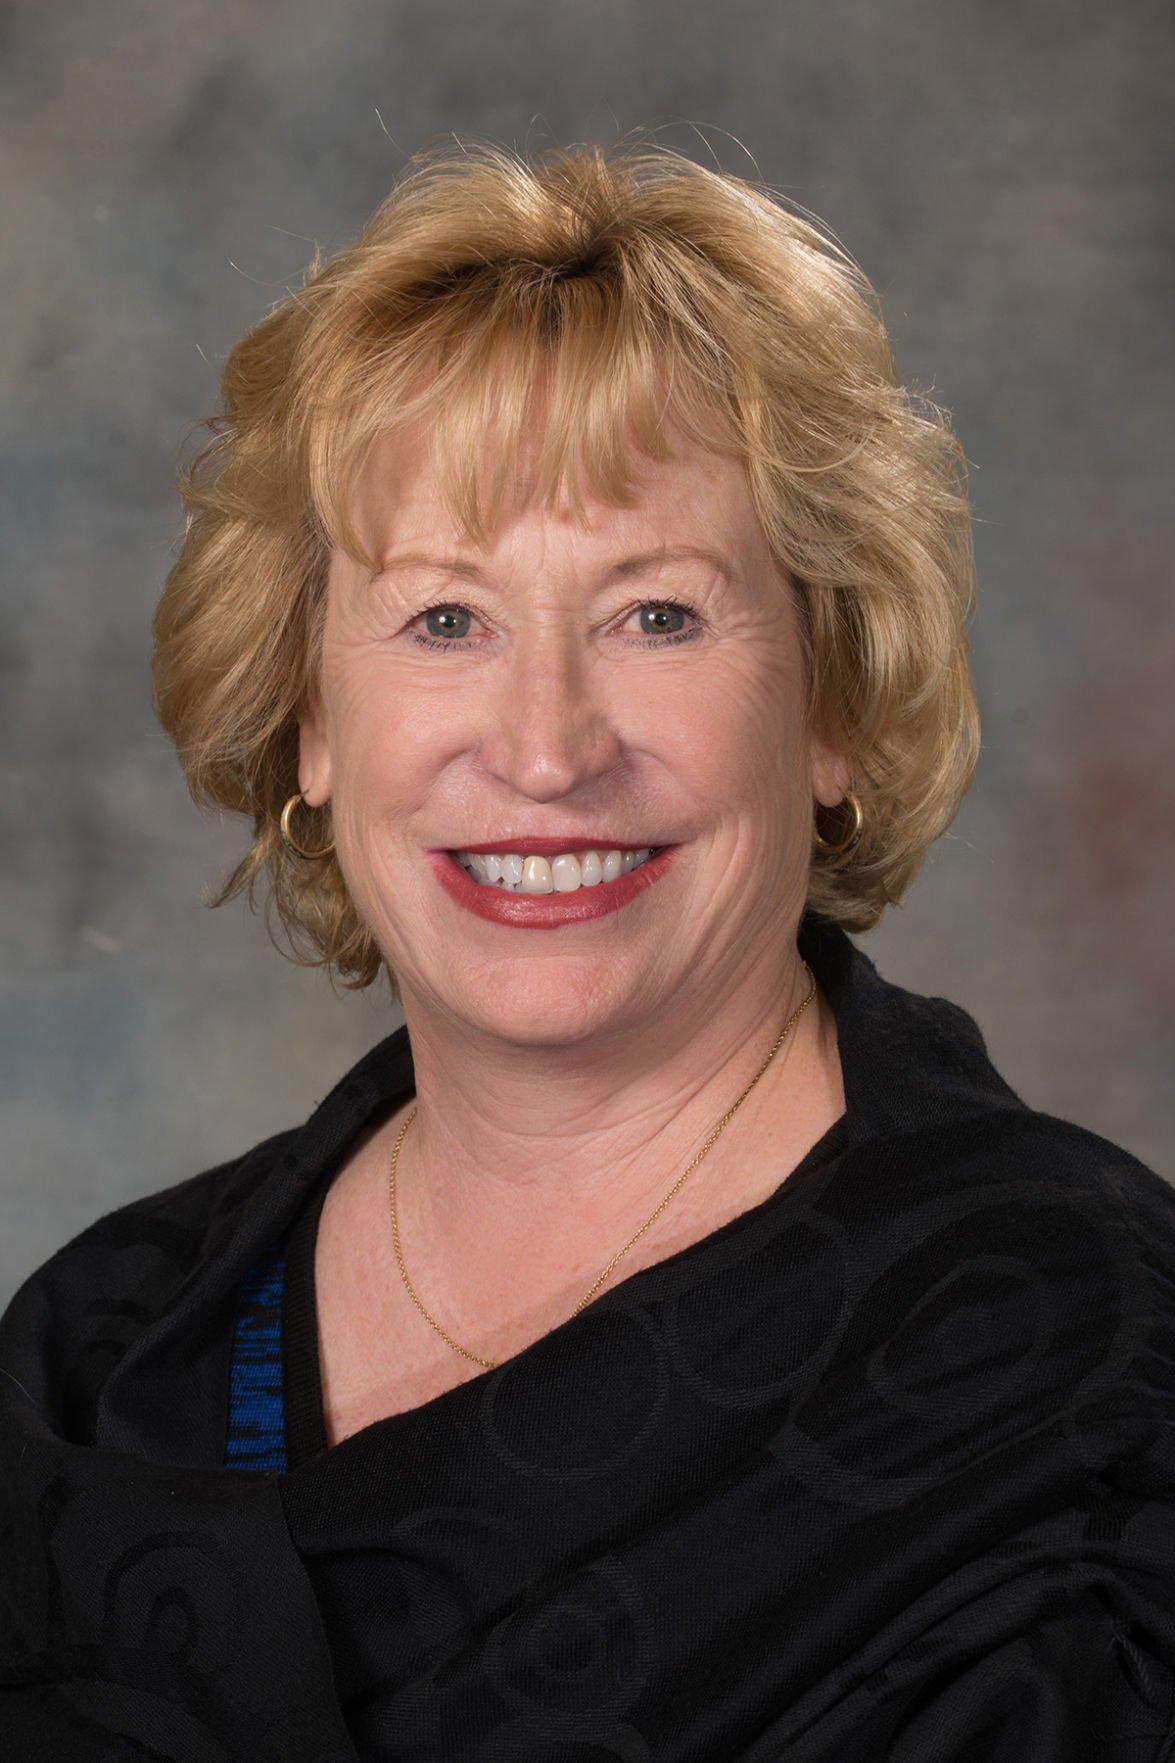 Lou Ann Linehan